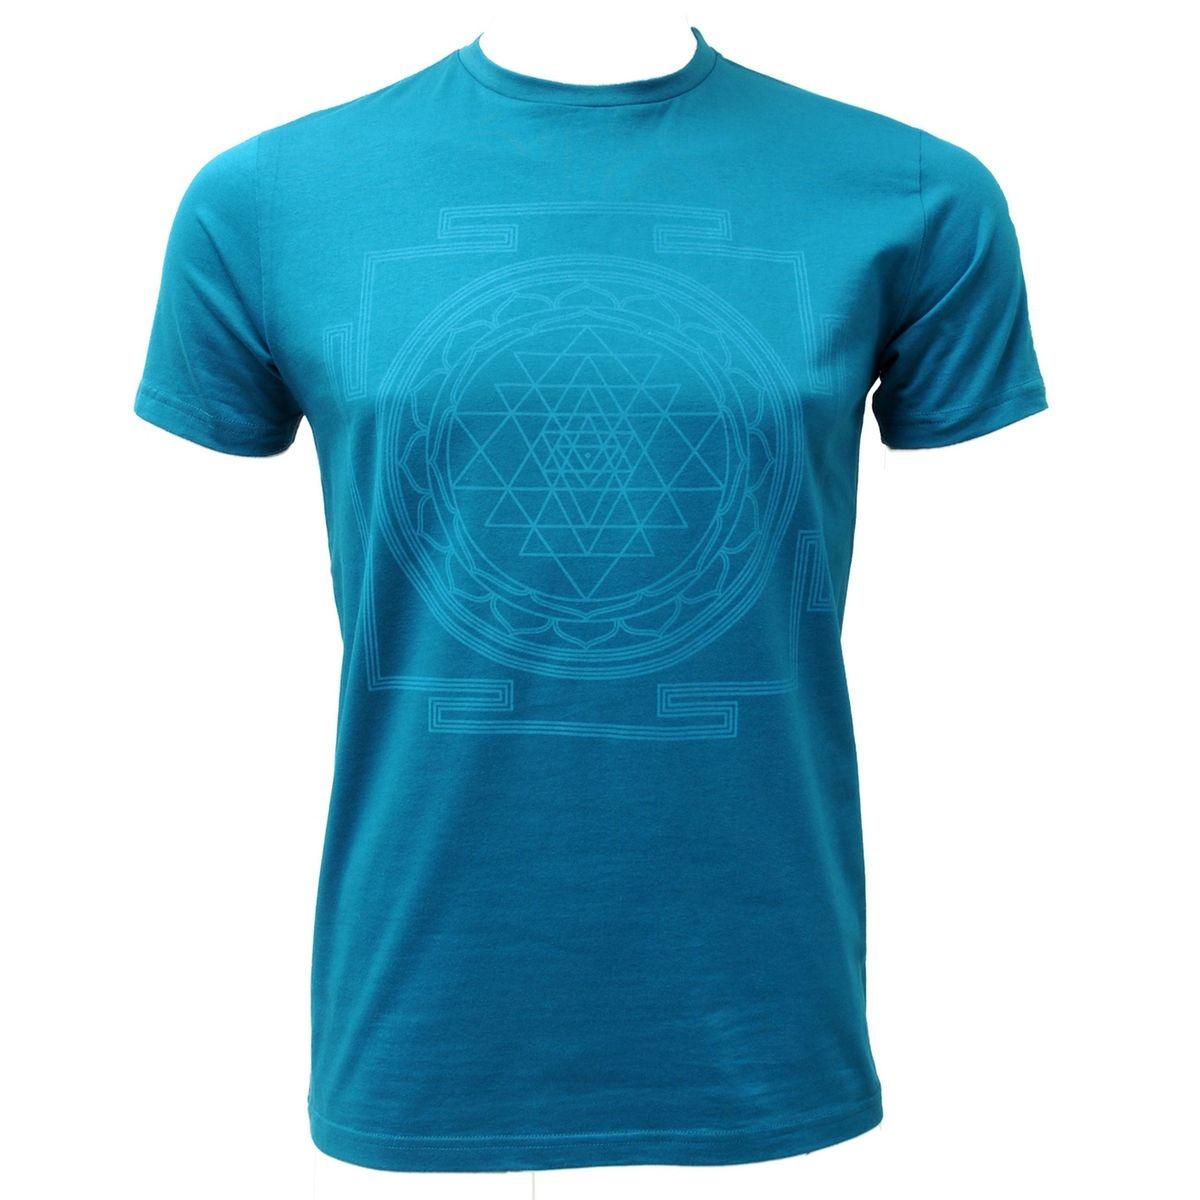 Yoga-T-Shirt  Sri Yantra , men - petrol petrol